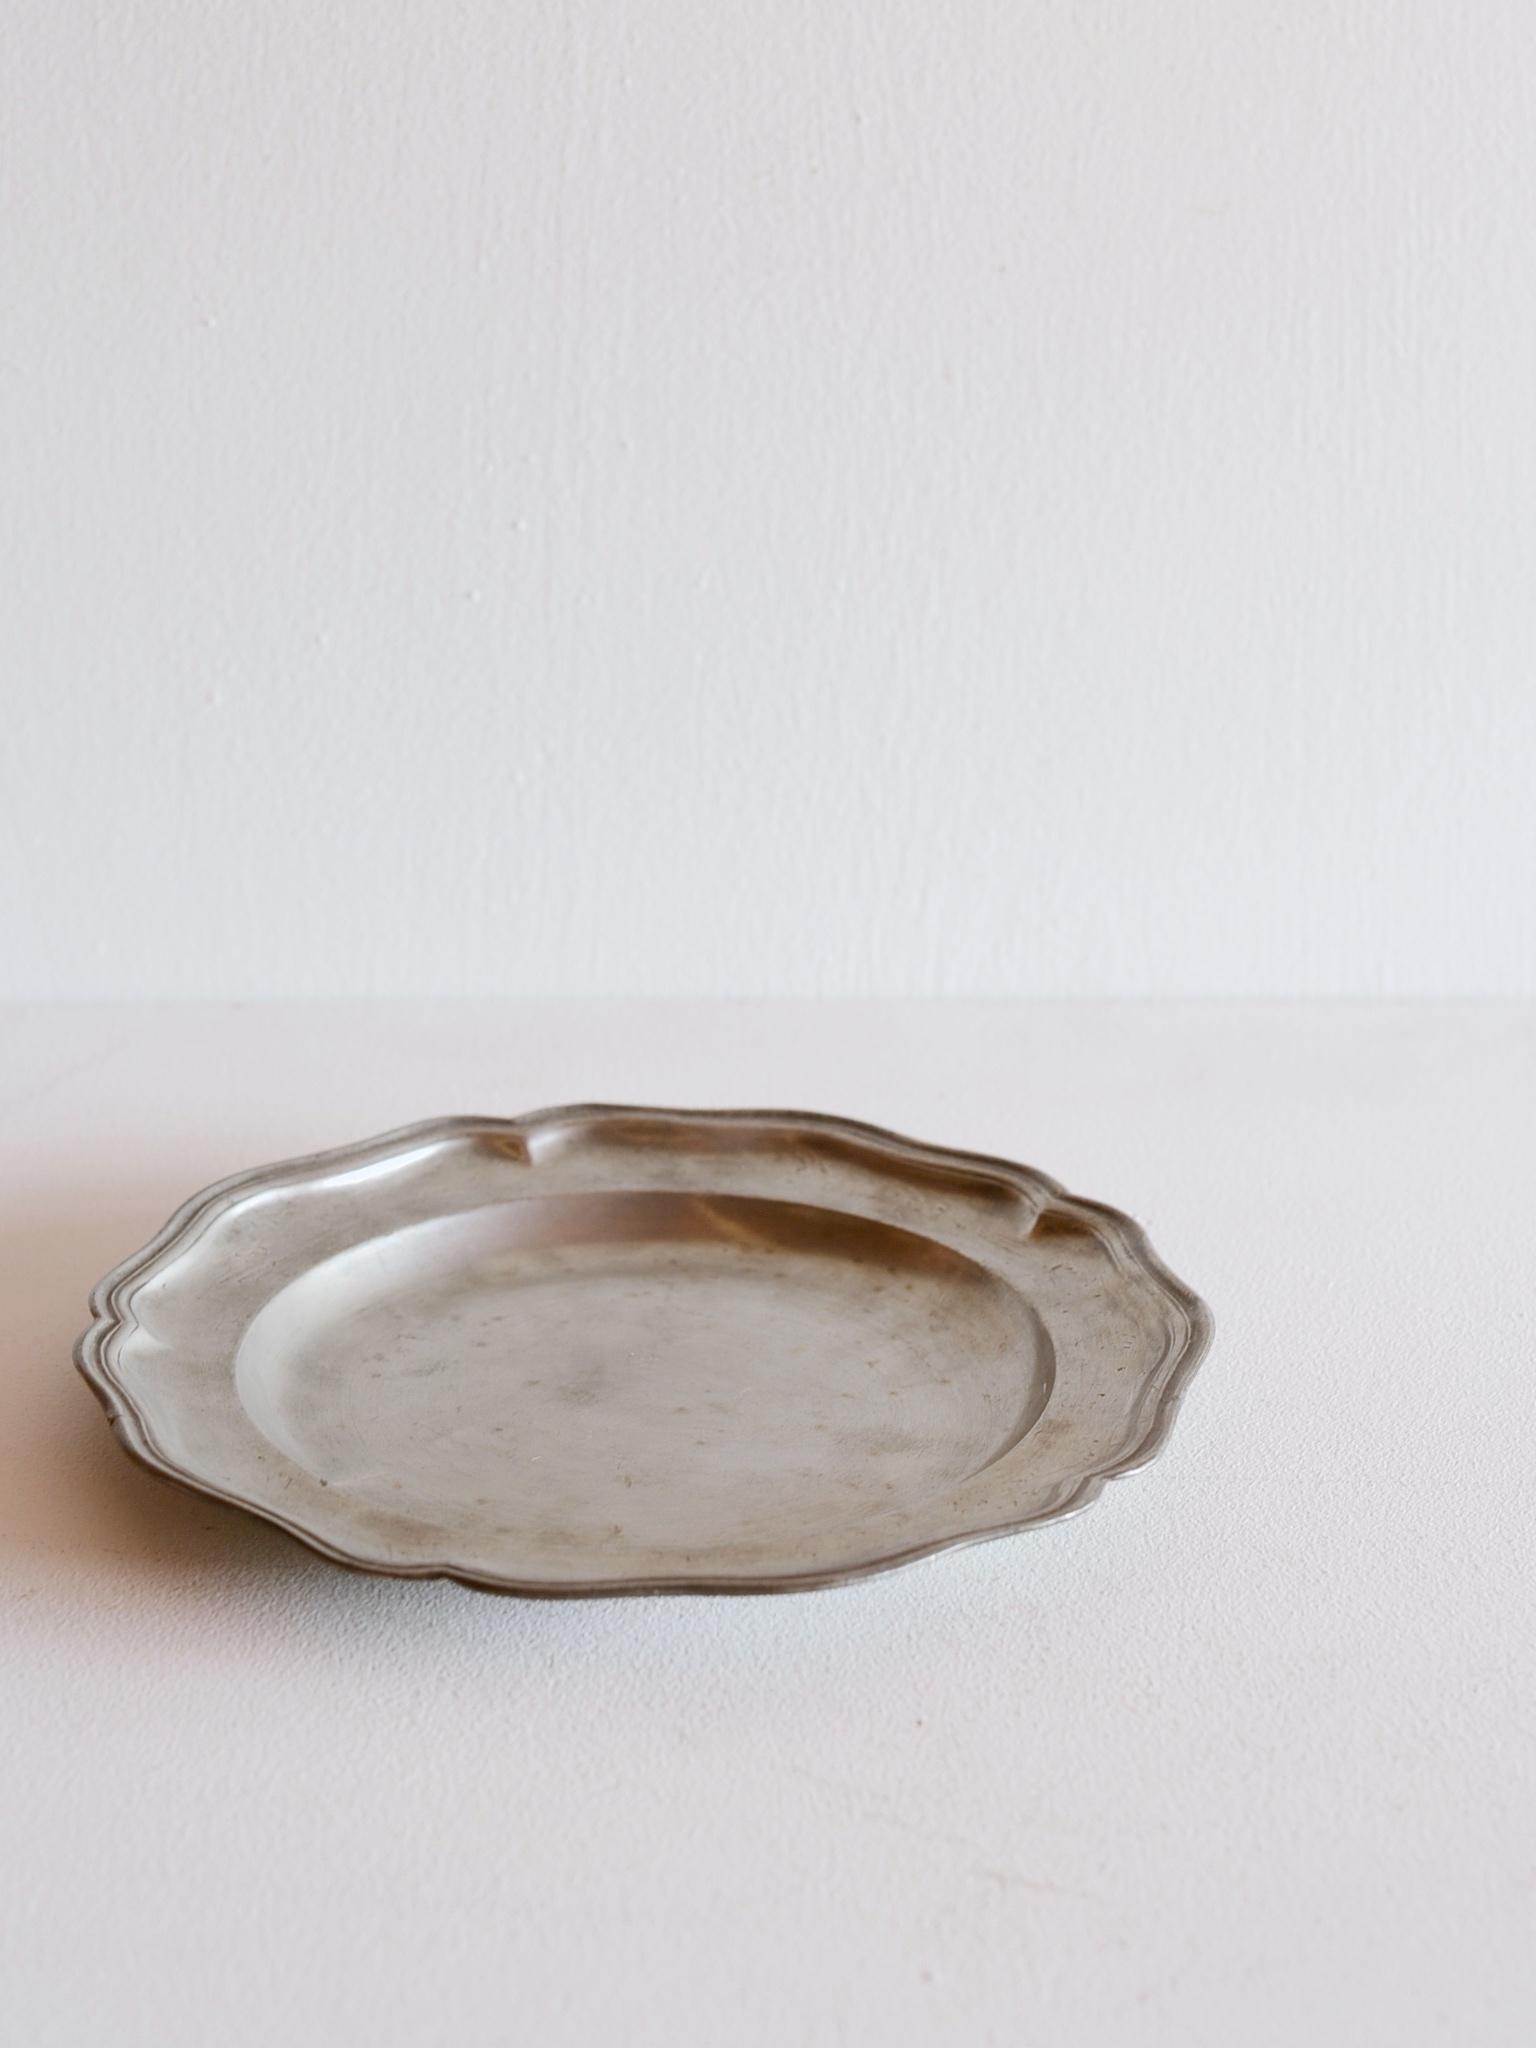 ピューター皿-pewter plate